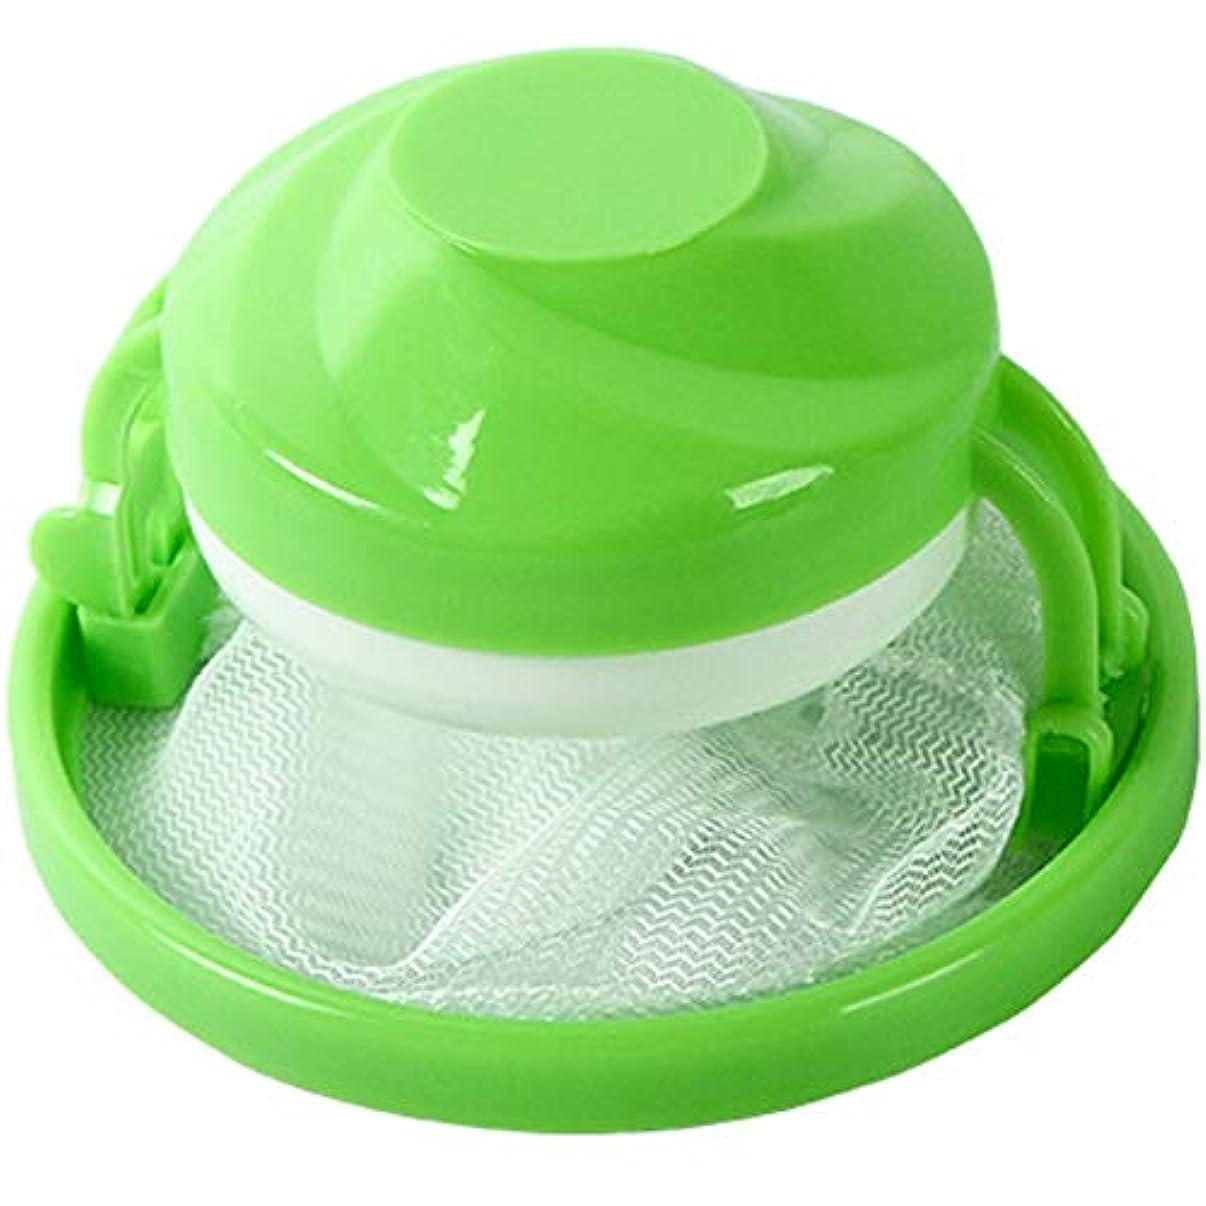 精算入植者プレートACHICOO ヘア リムーバー 洗濯機用 リント&ペット用 フローティング 緑